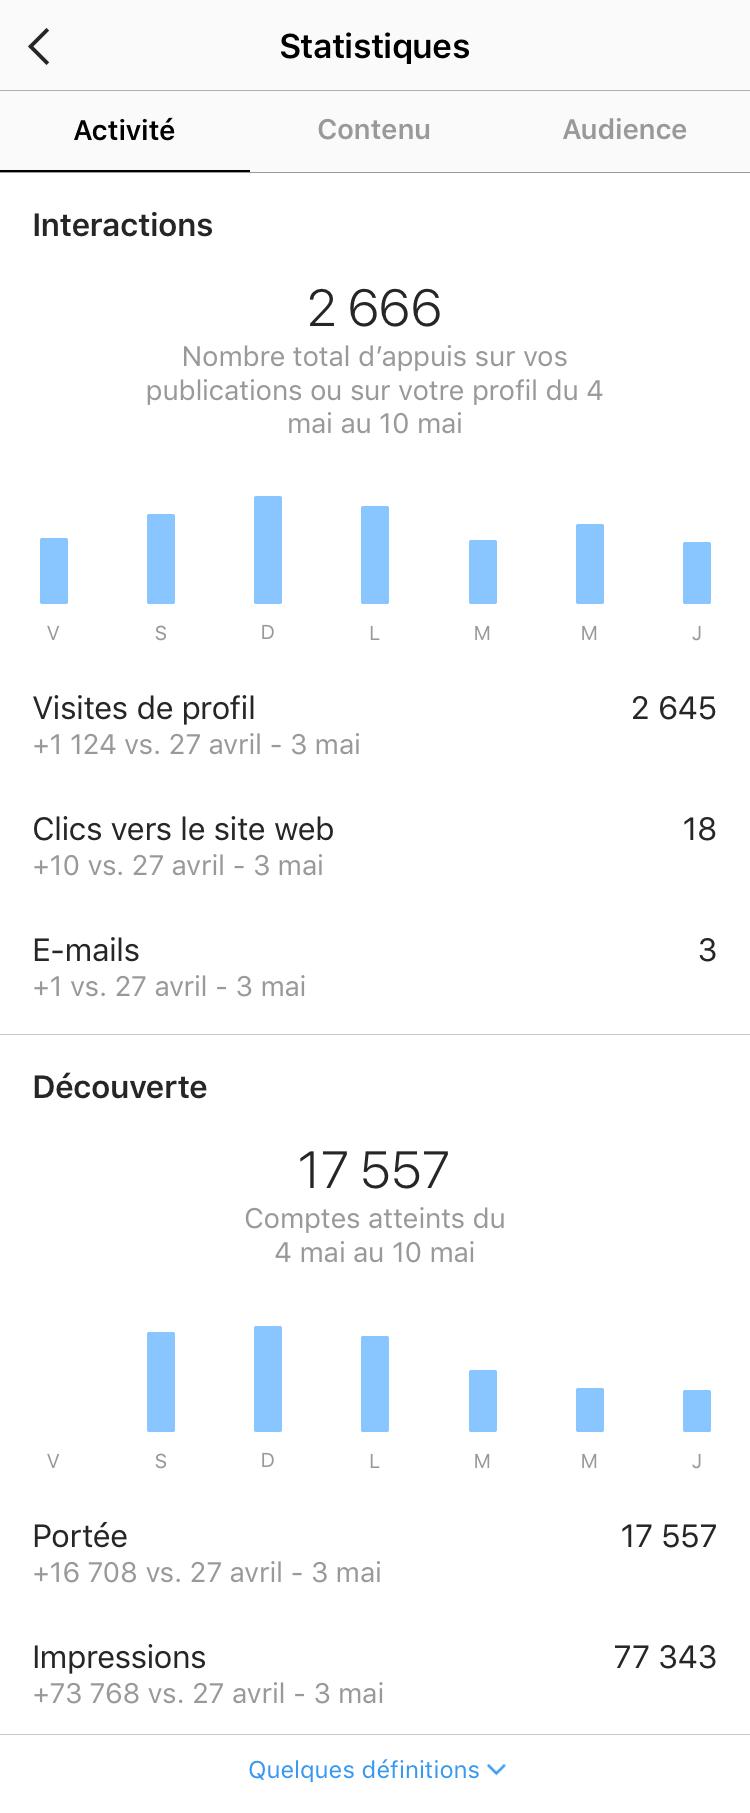 Statistiques Instagram, onglet Activité